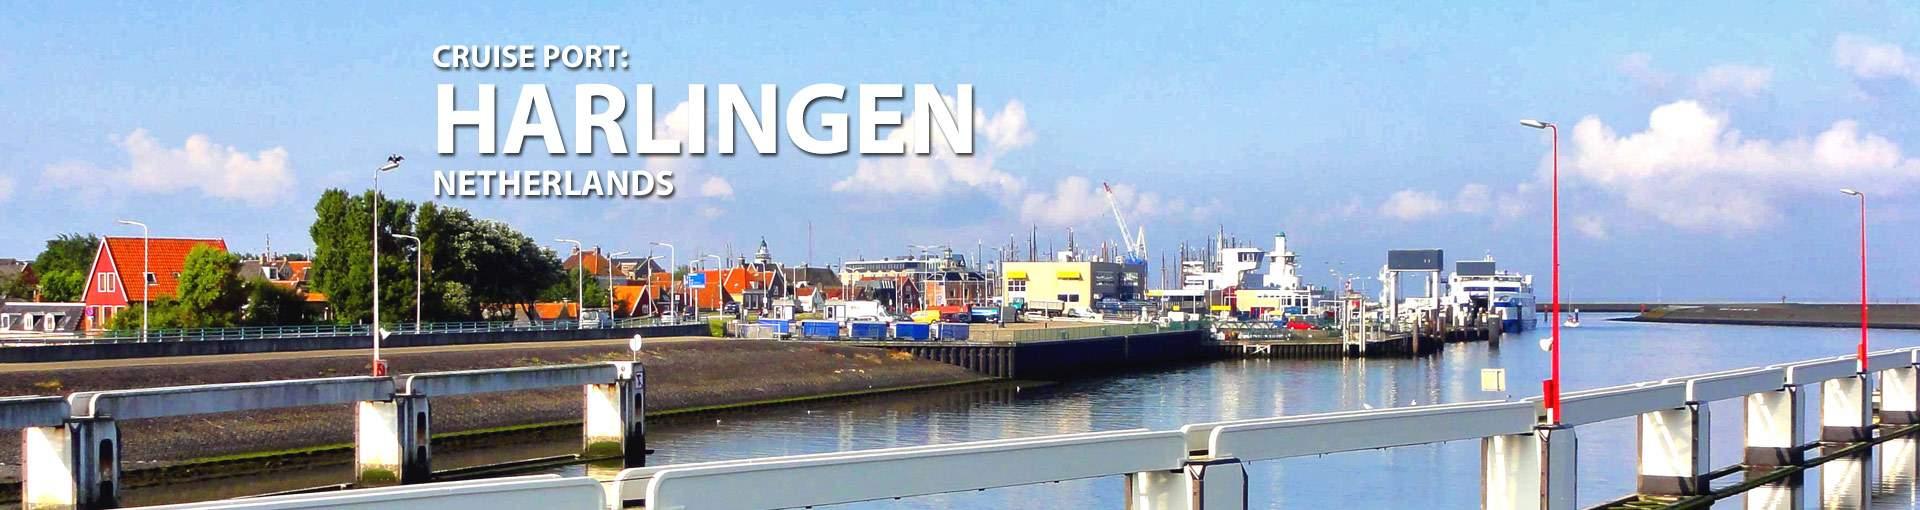 Harlingen, Netherlands Port